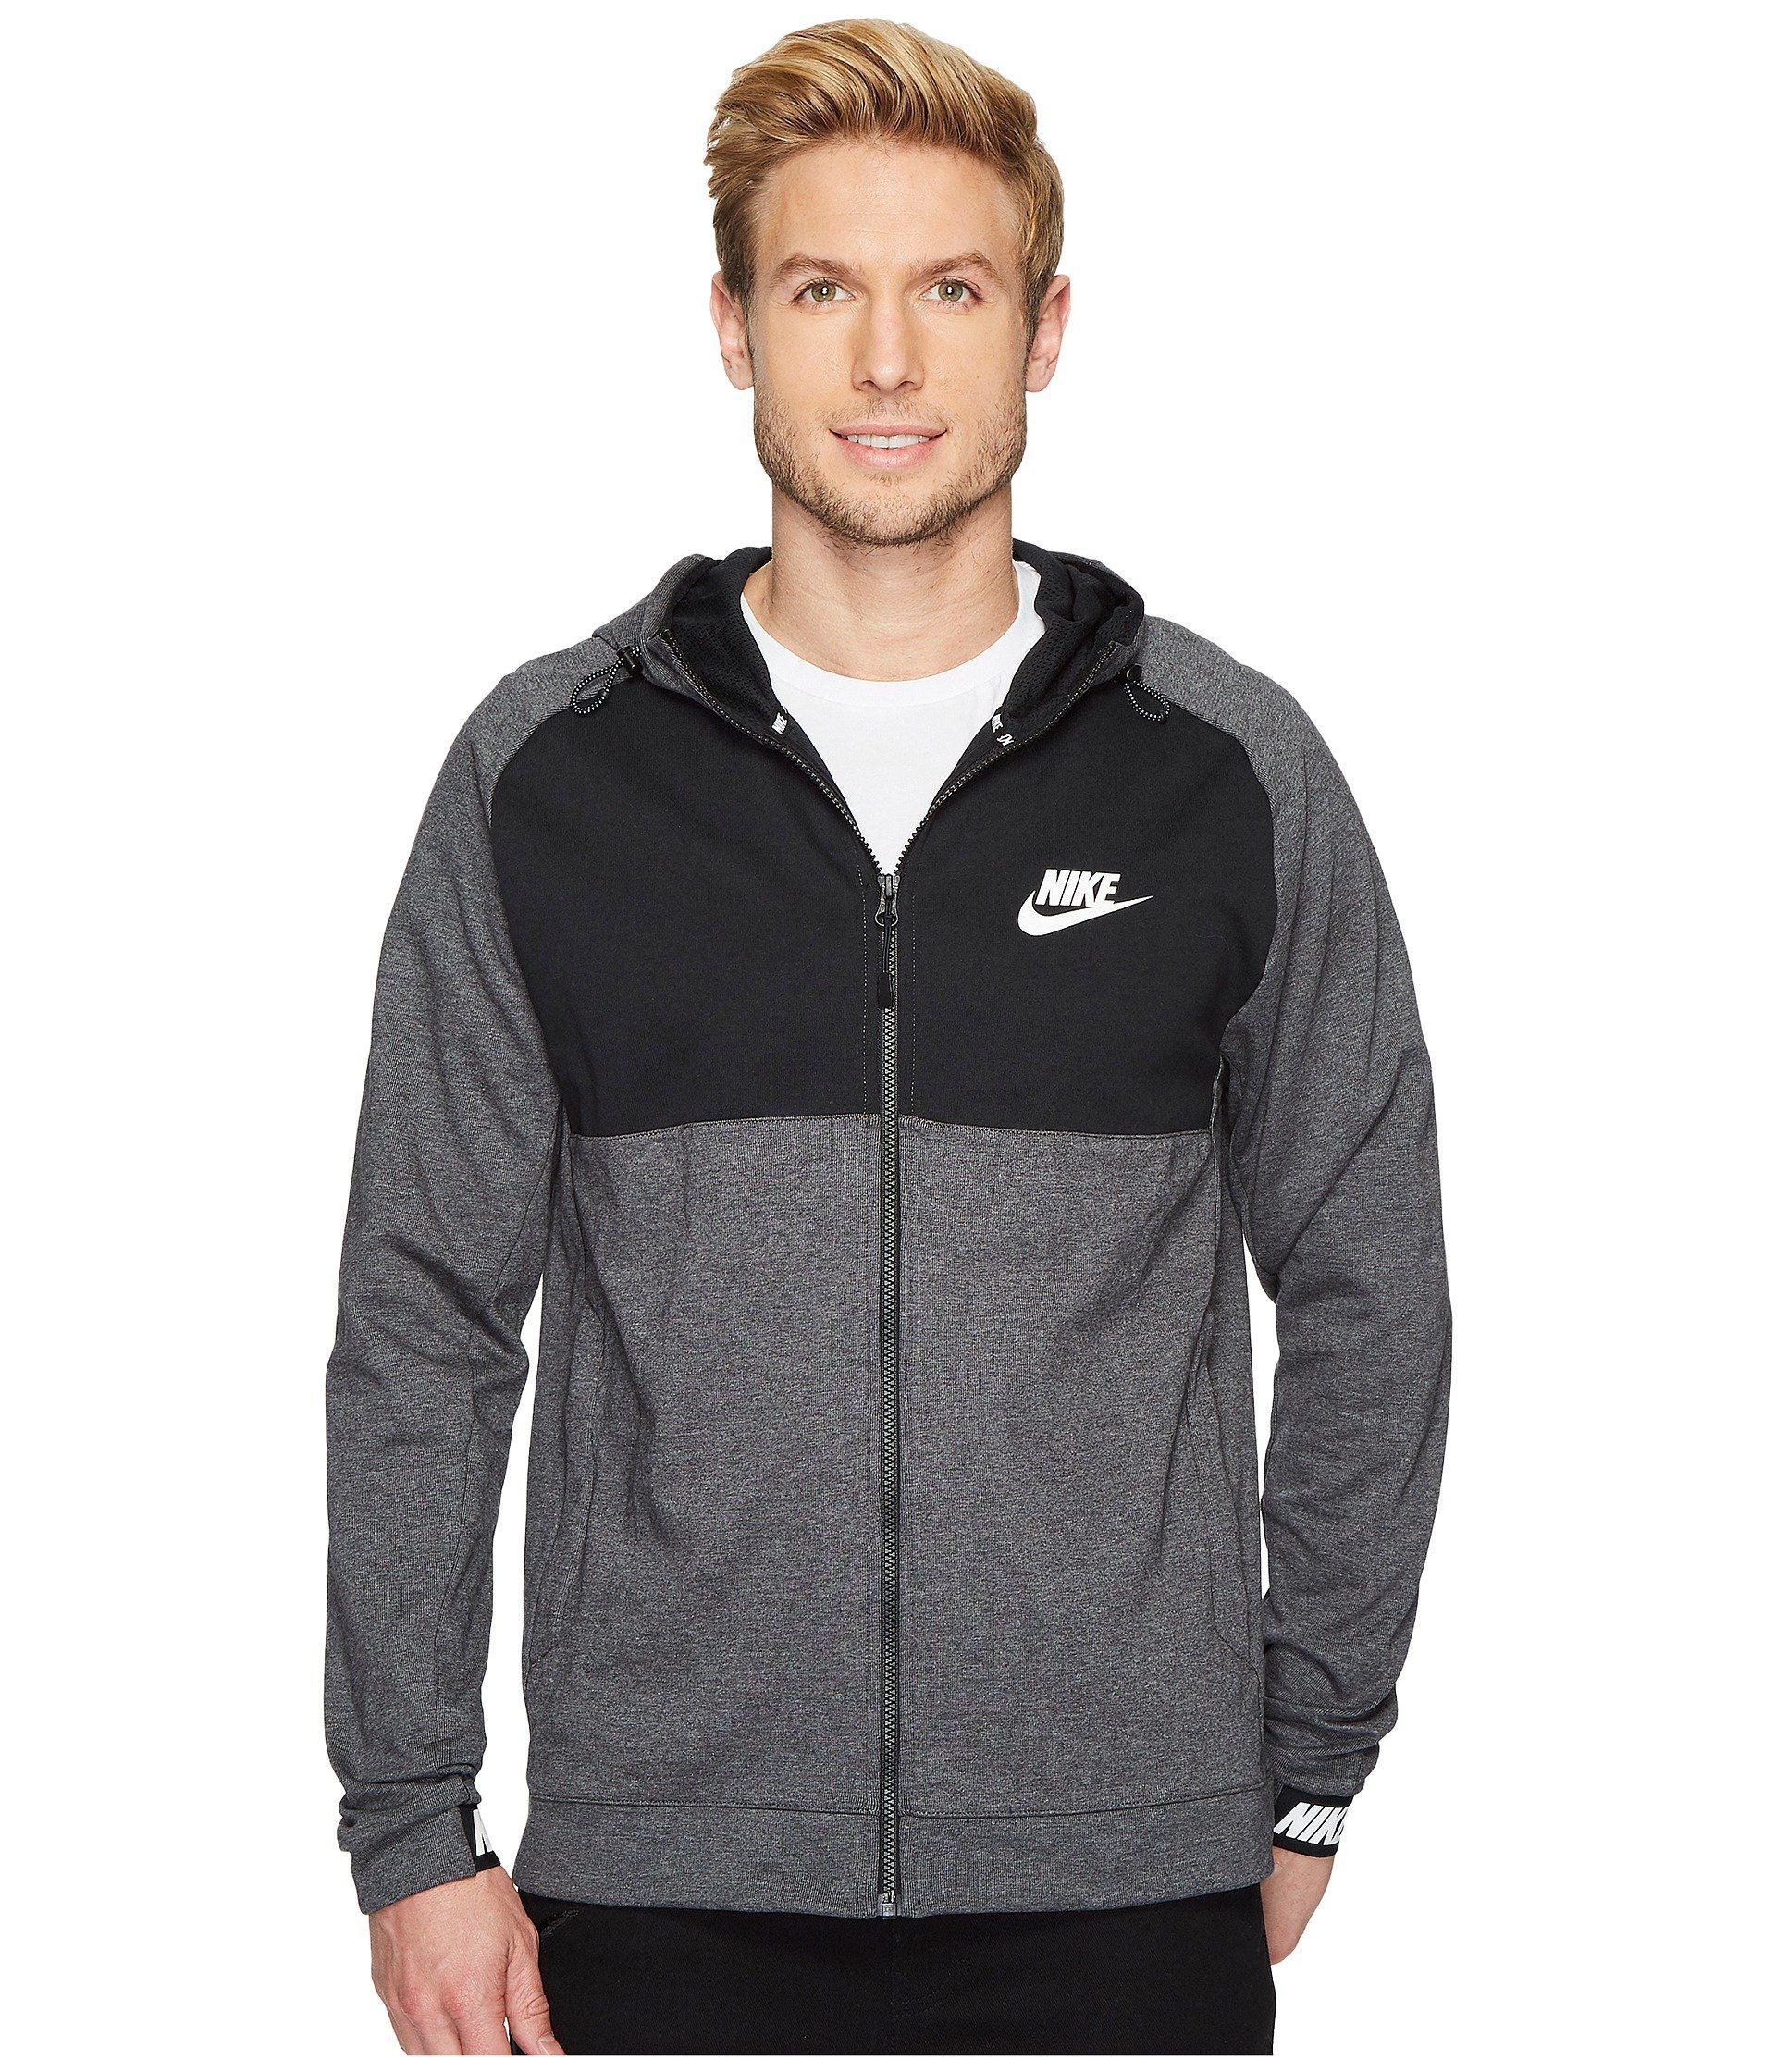 b6b4436f Nike Sportswear Advance 15 Full Zip Hoodie in Black for Men - Lyst